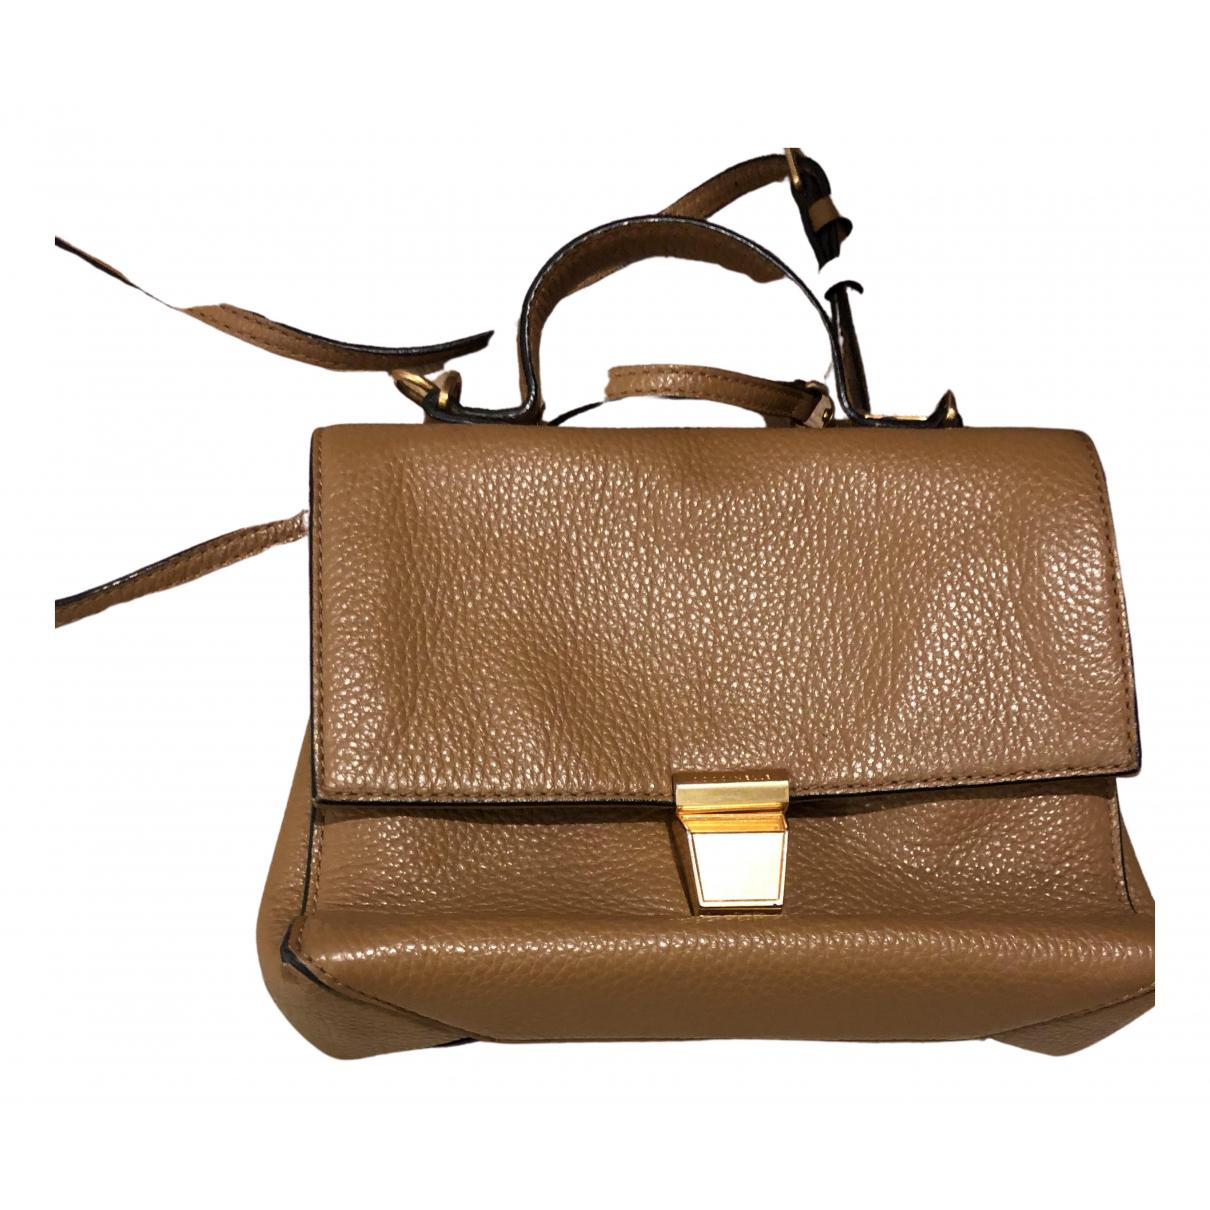 Coccinelle \N Handtasche in  Kamel Leder